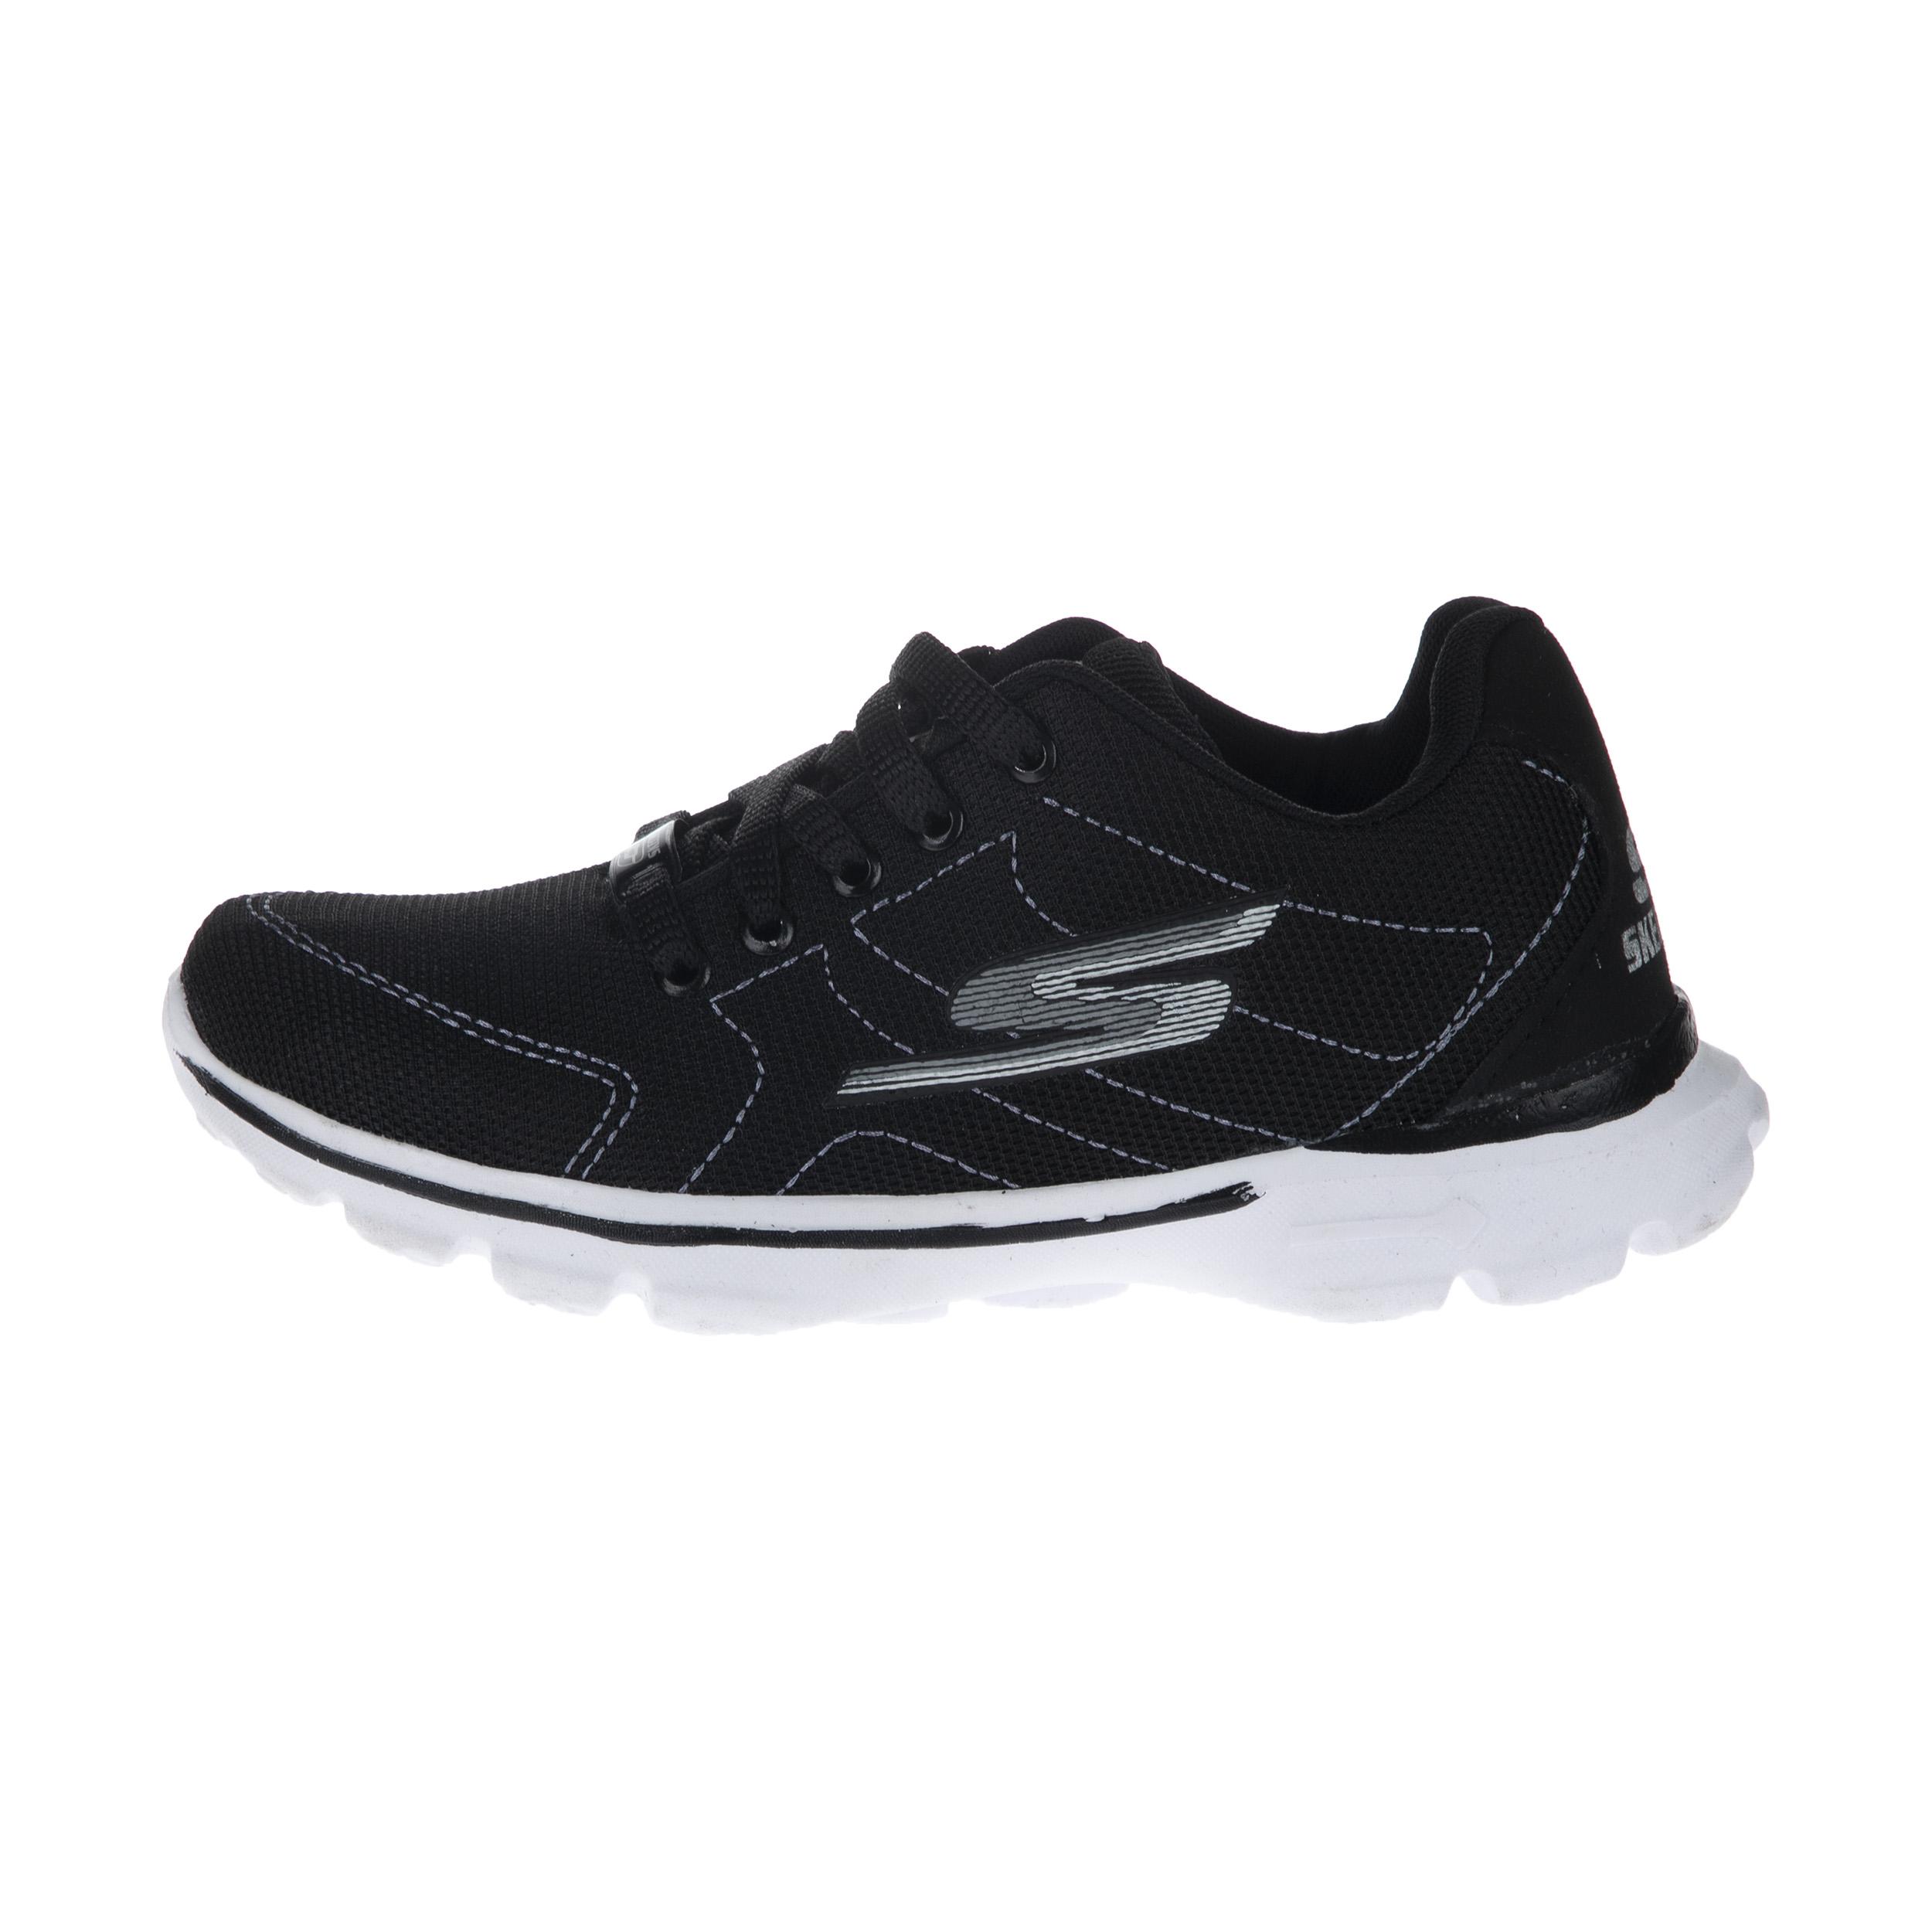 خرید کفش مخصوص پیاده روی زنانه کد 348000102